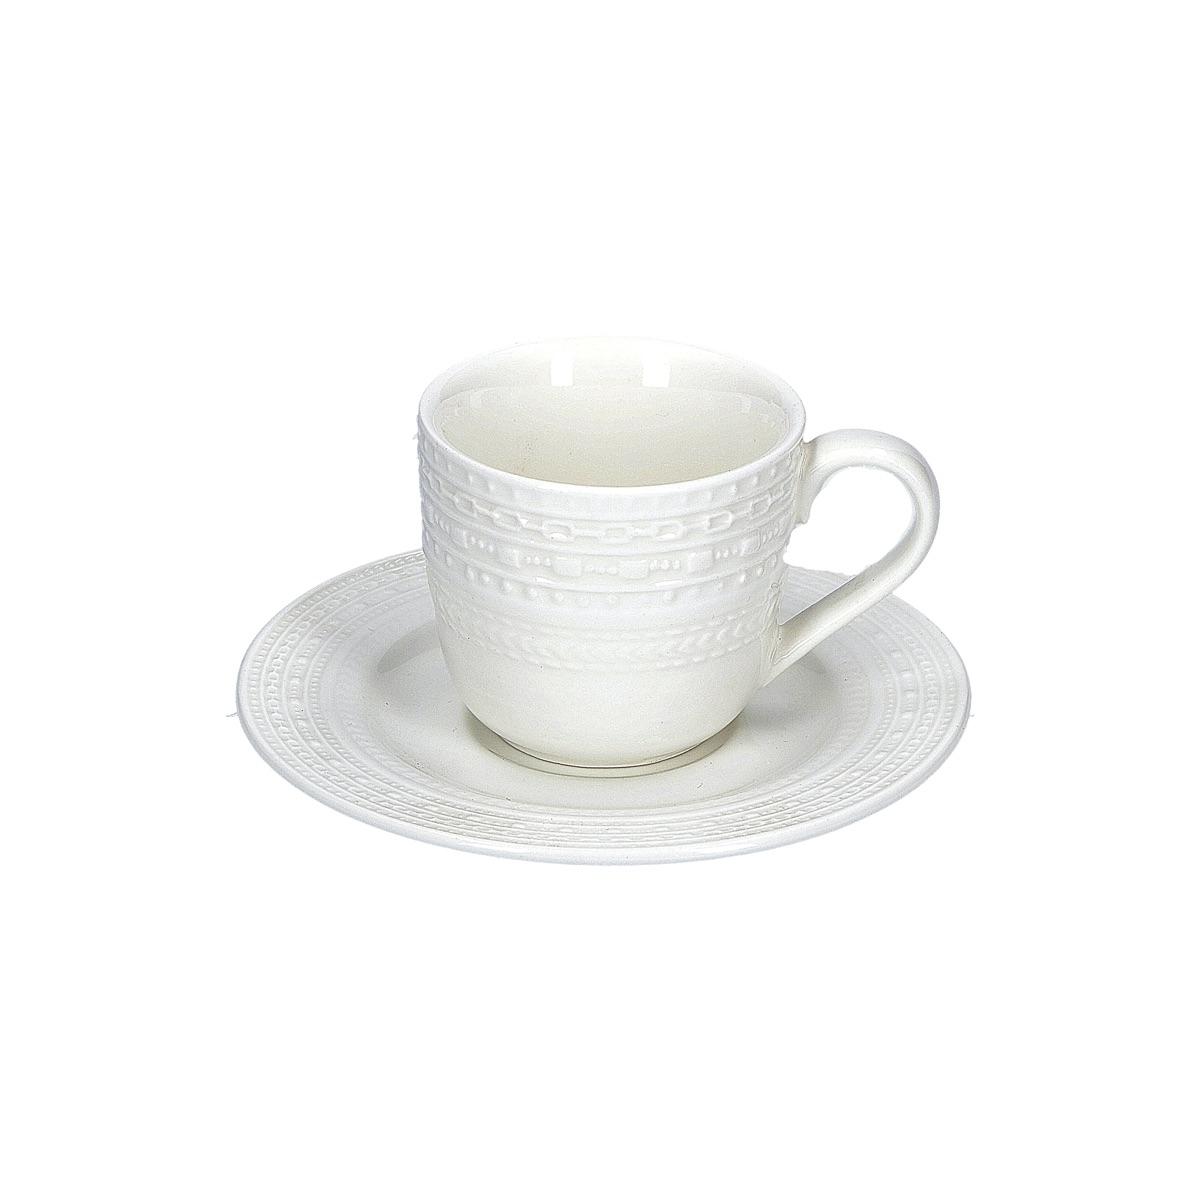 Casale - Servizio caffè 6 pezzi con piattino.